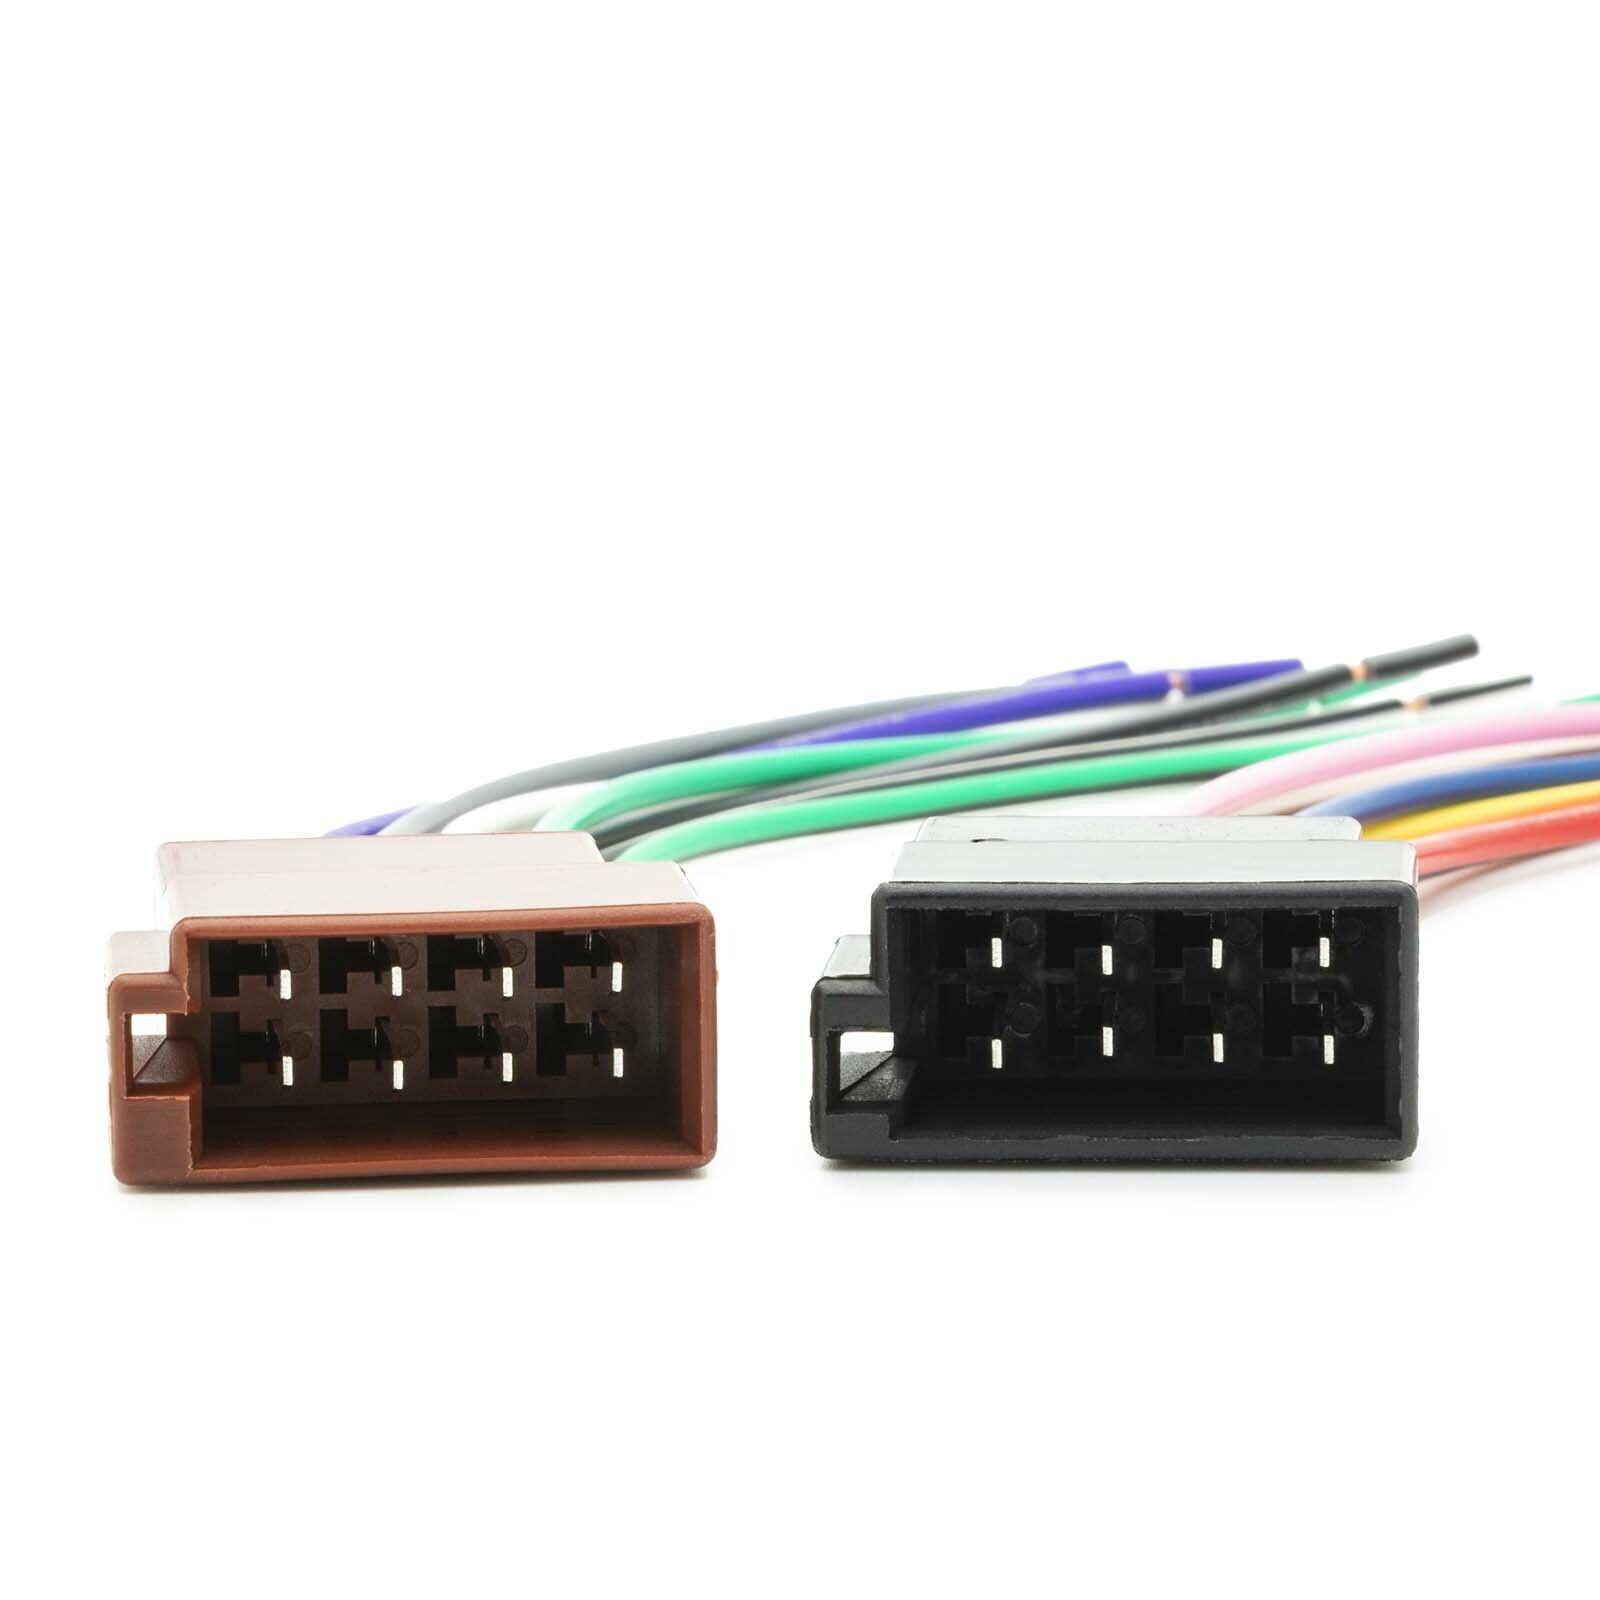 Autorradio-adaptador ISO a din ford Alt 5-pol conexión eléctrica